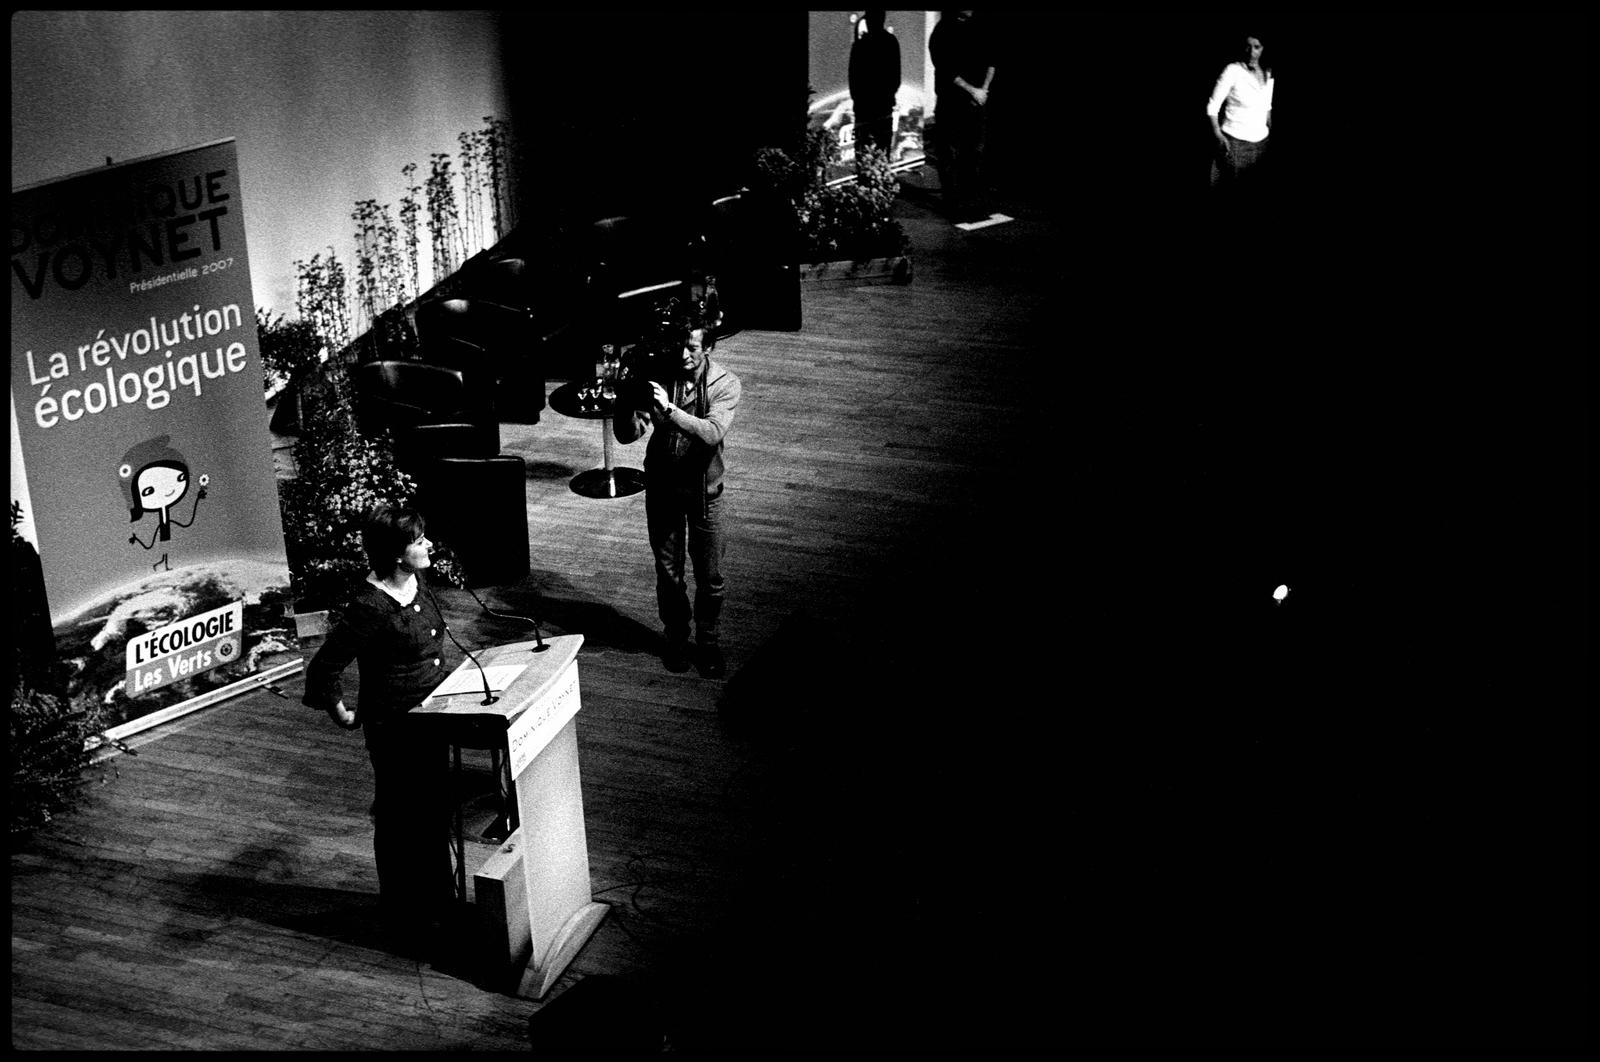 Discours de Dominique Voynet lors d'un meeting de campagne des Verts à la Mutualité de Paris le 5 avril 2007.